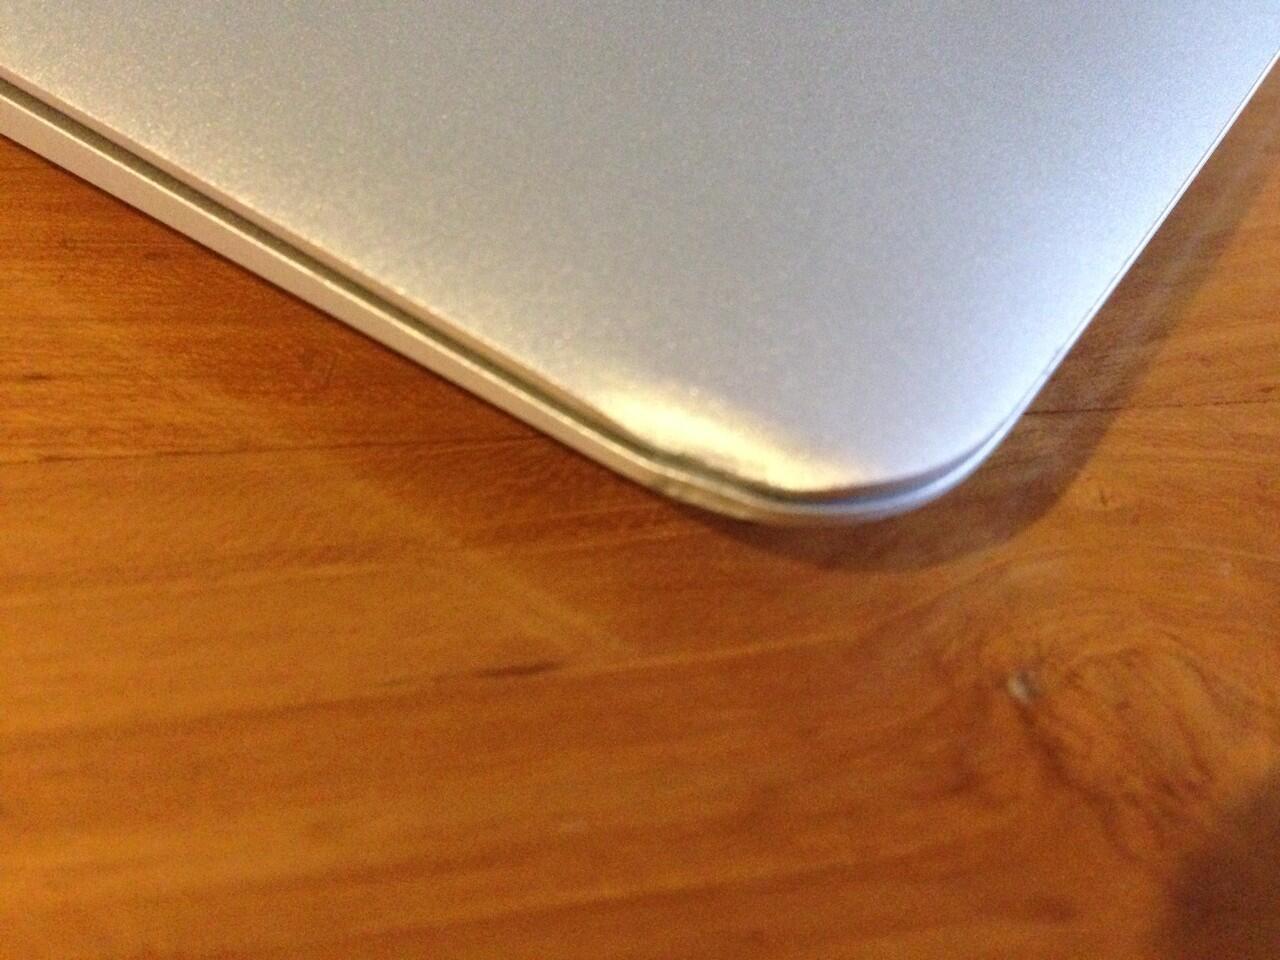 JUAL MACBOOK AIR 11'6 -Inchi Late 2010 | Core2Duo | Geforce 320M | SSD 64 GB | jogja